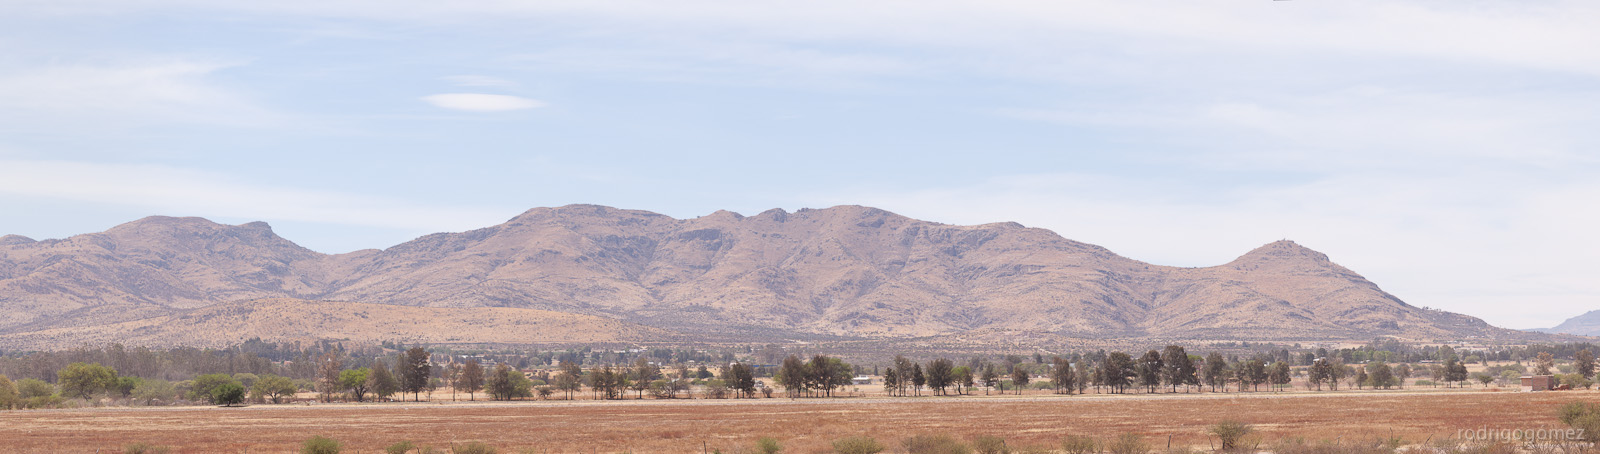 Cerro del Muerto III - Aguascalientes